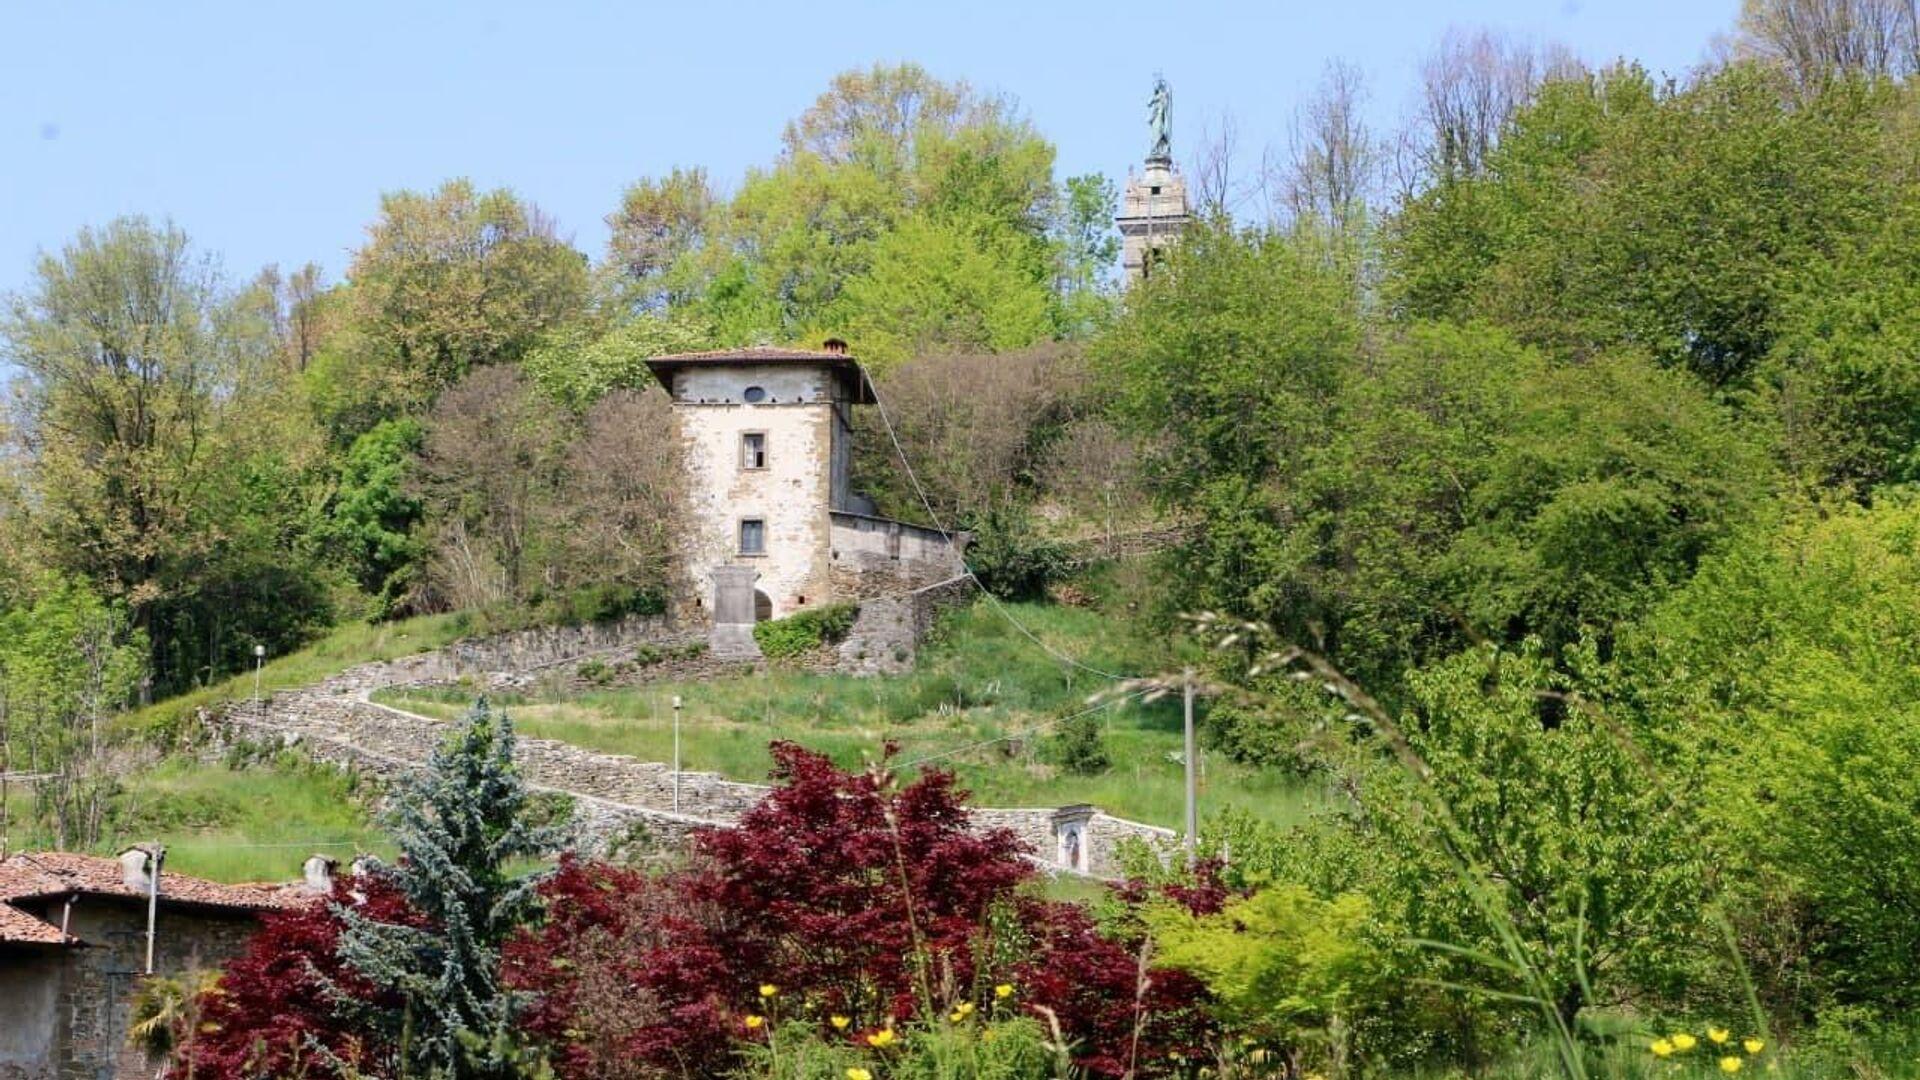 Un vecchio edificio nel parco, Italia - Sputnik Italia, 1920, 23.05.2021